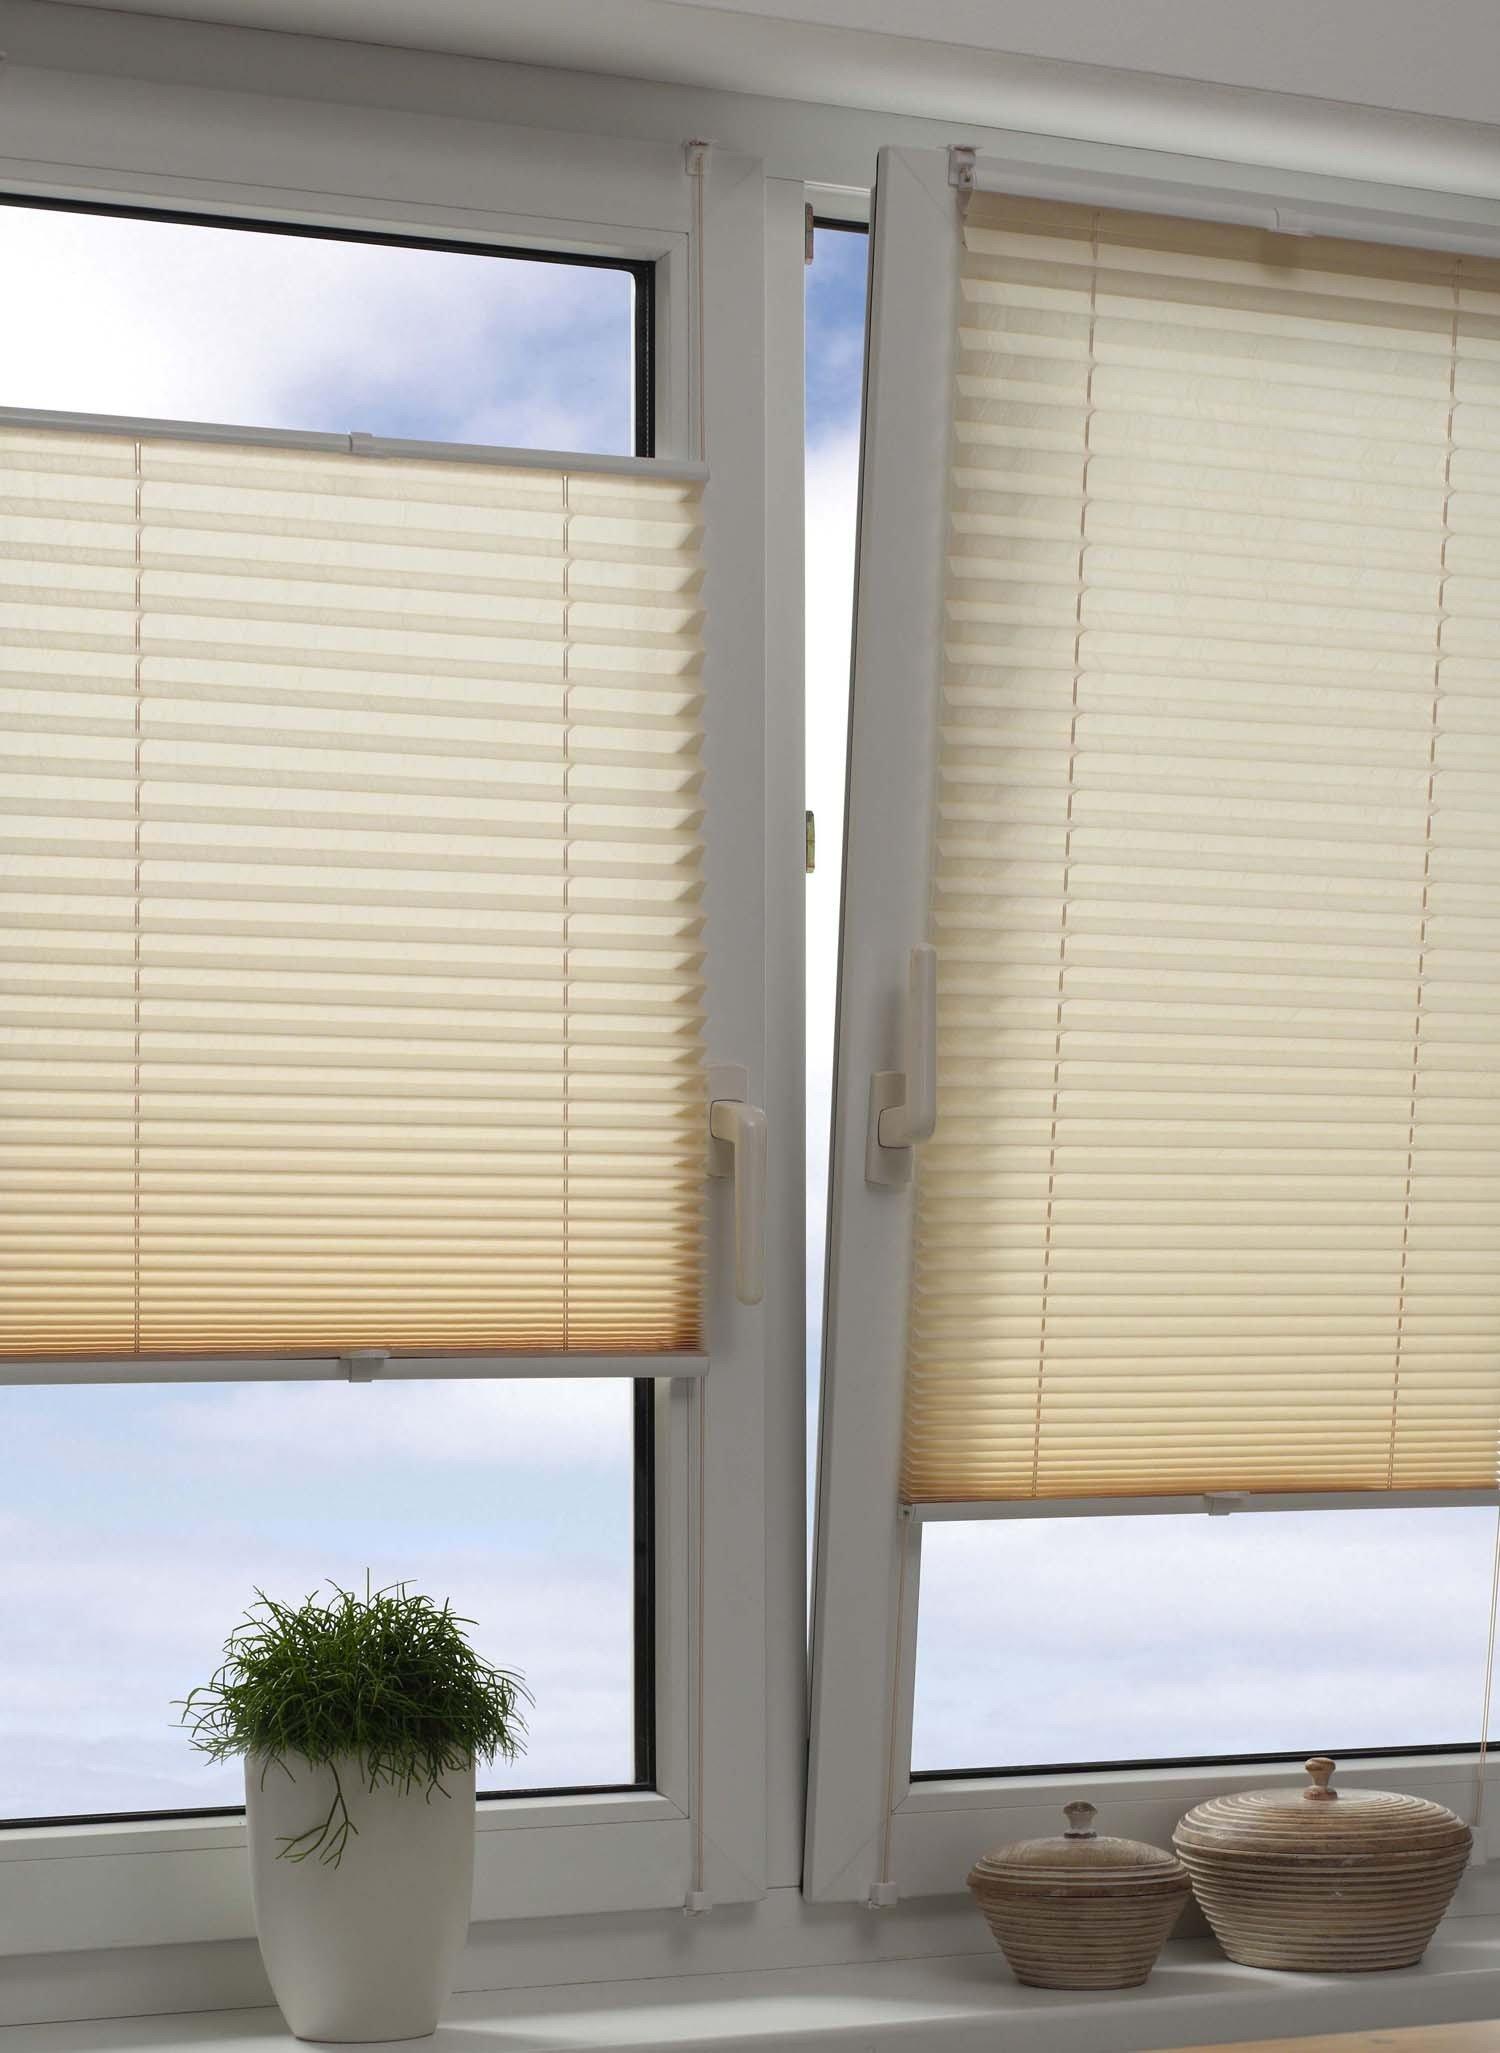 Easyfix Plissee blanc 40x130cm